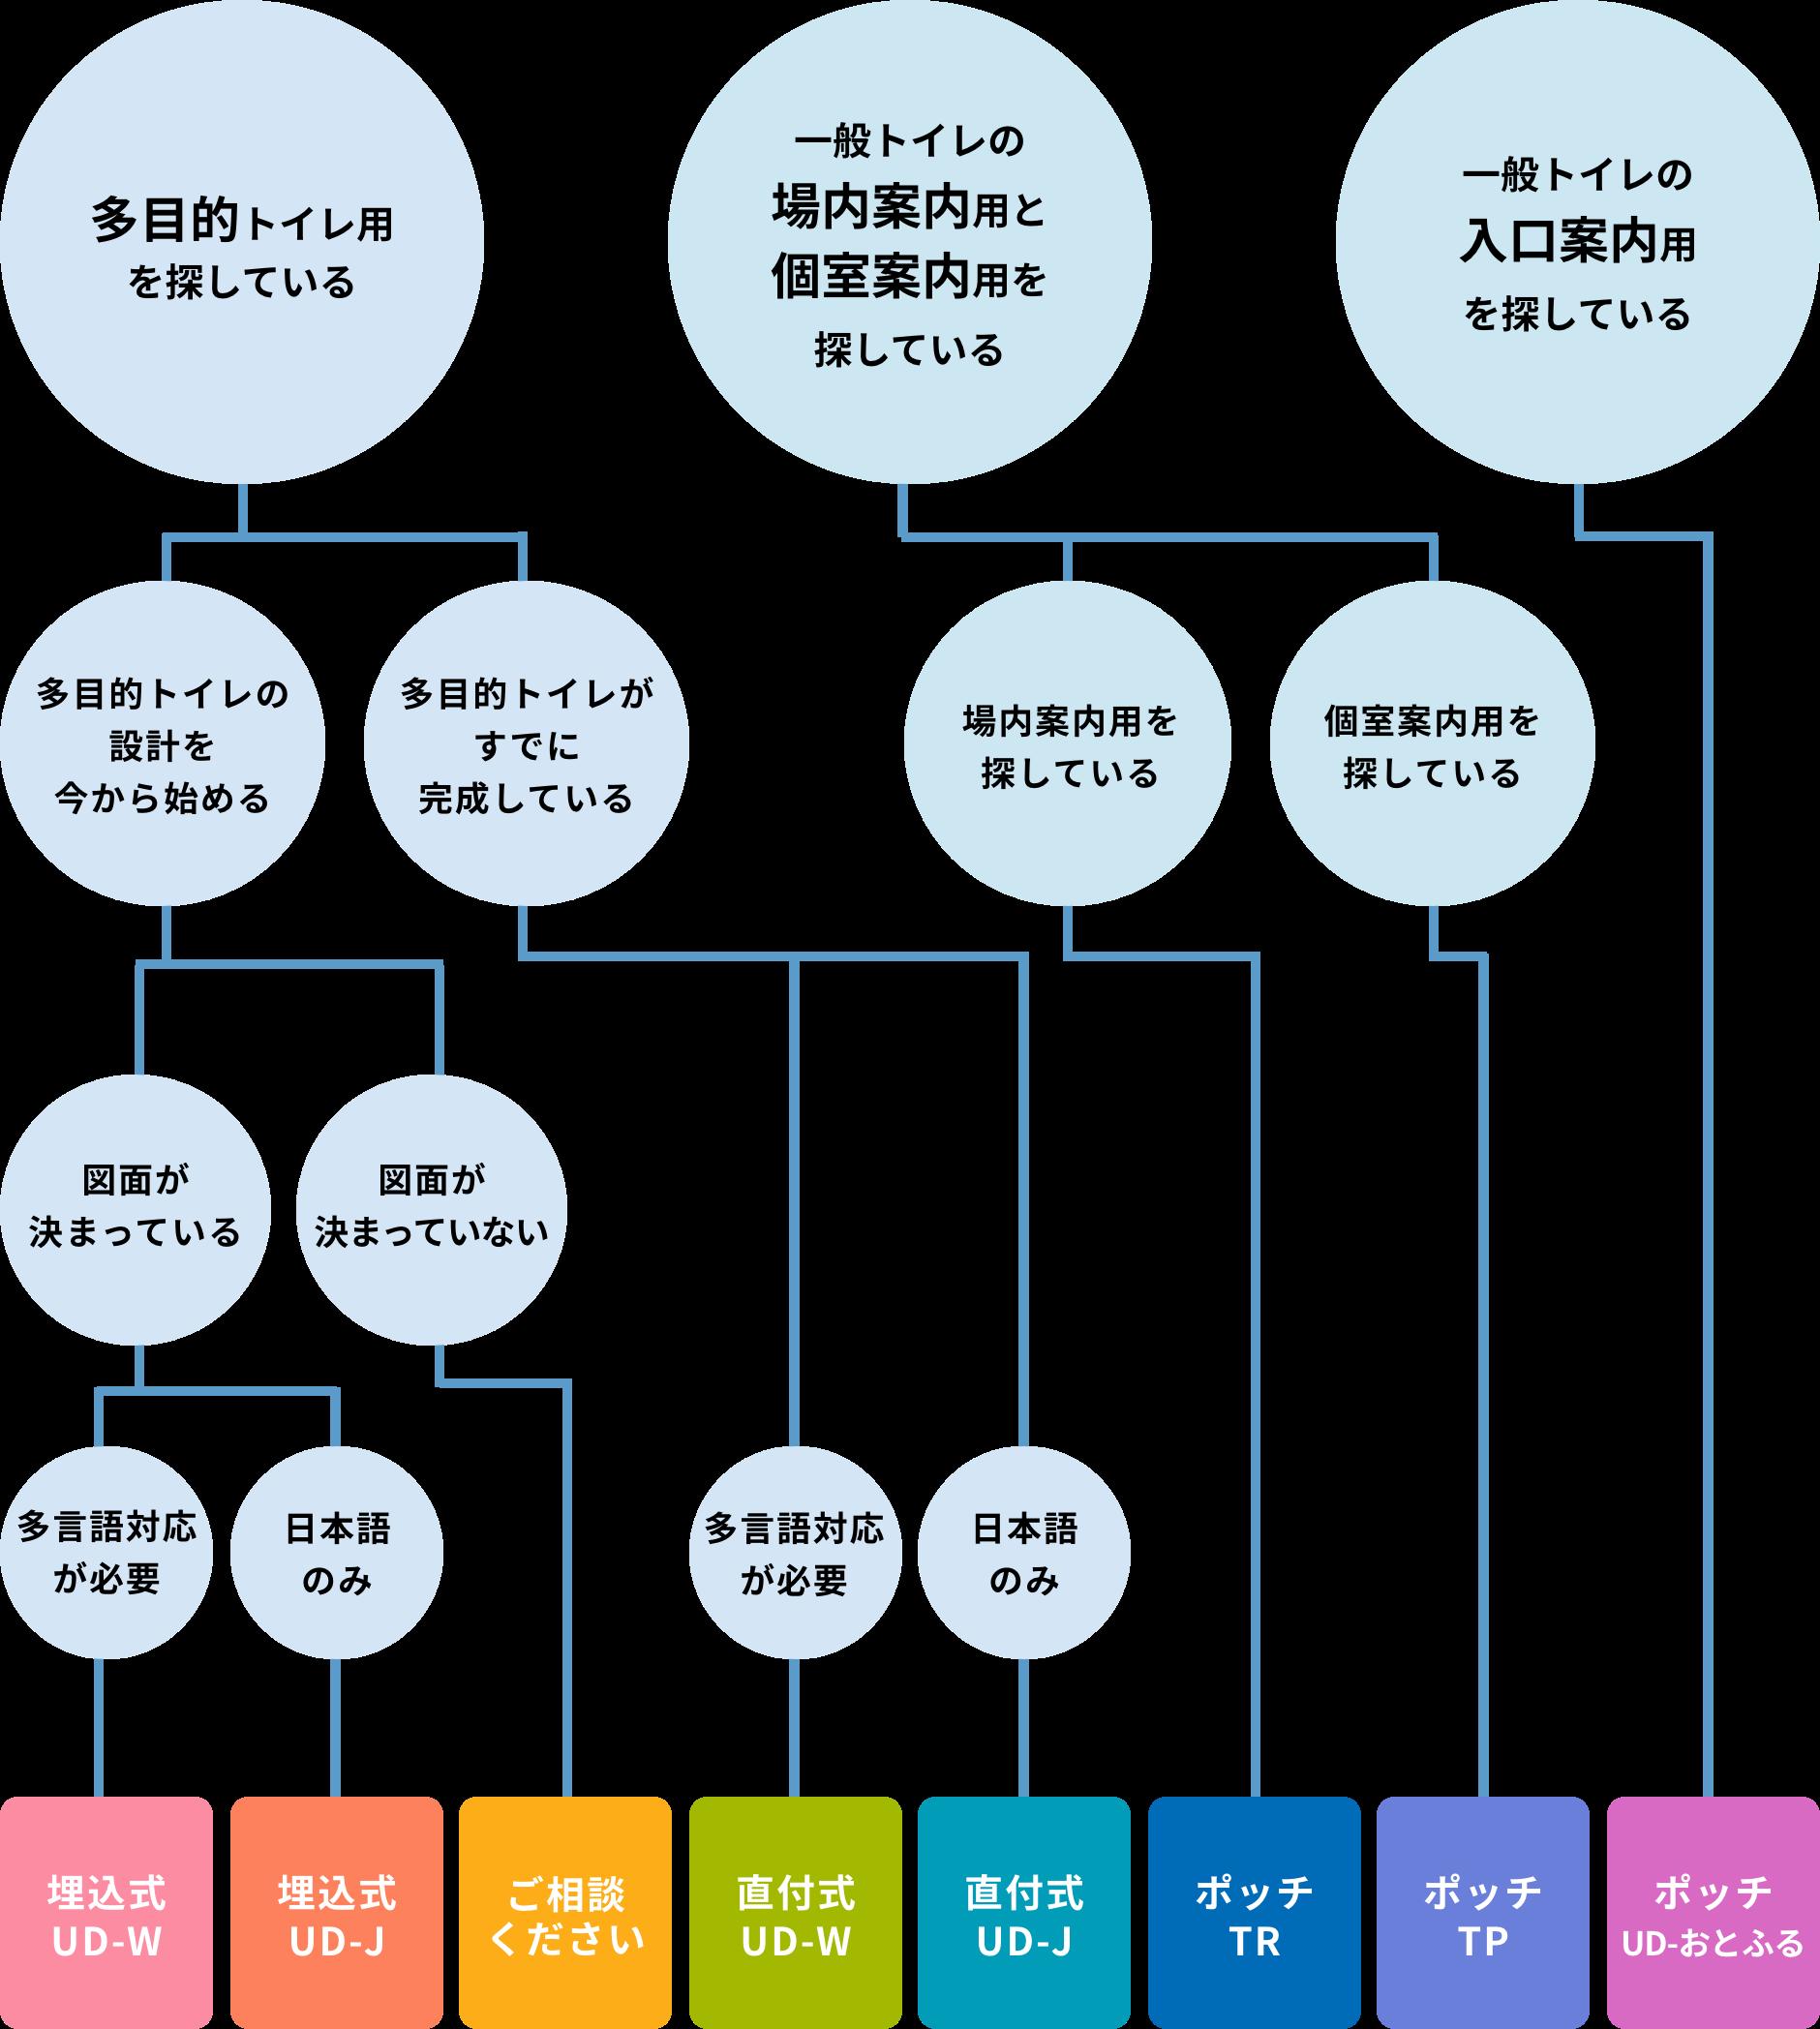 フローチャート図